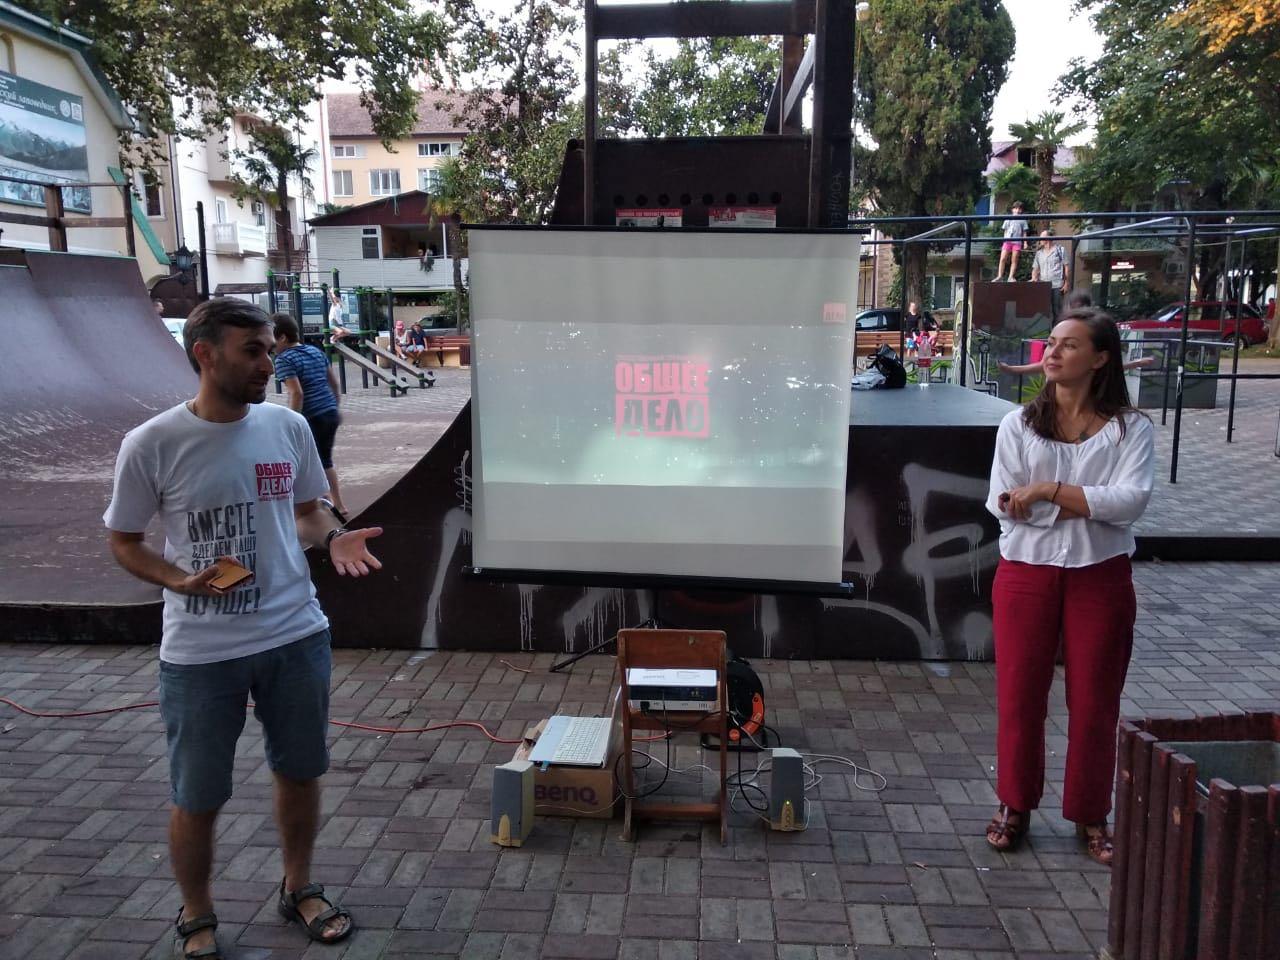 Творческий вечер Общего дела в сквере Бестужева города Сочи